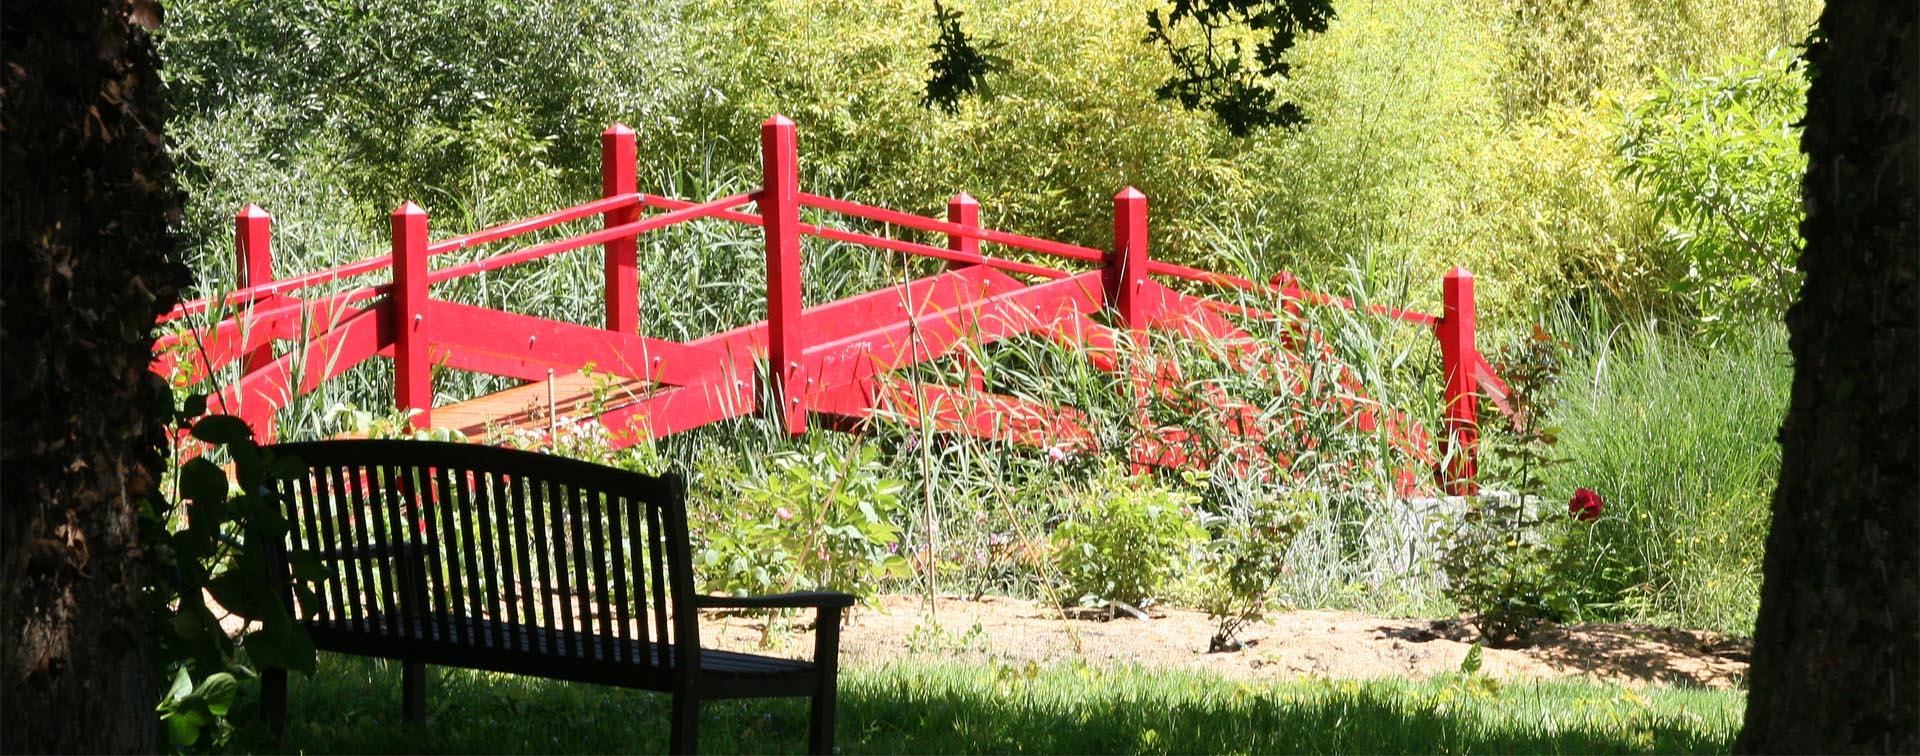 Les Jardins Du Moulin Paysagiste 05 - le pont moulin joly